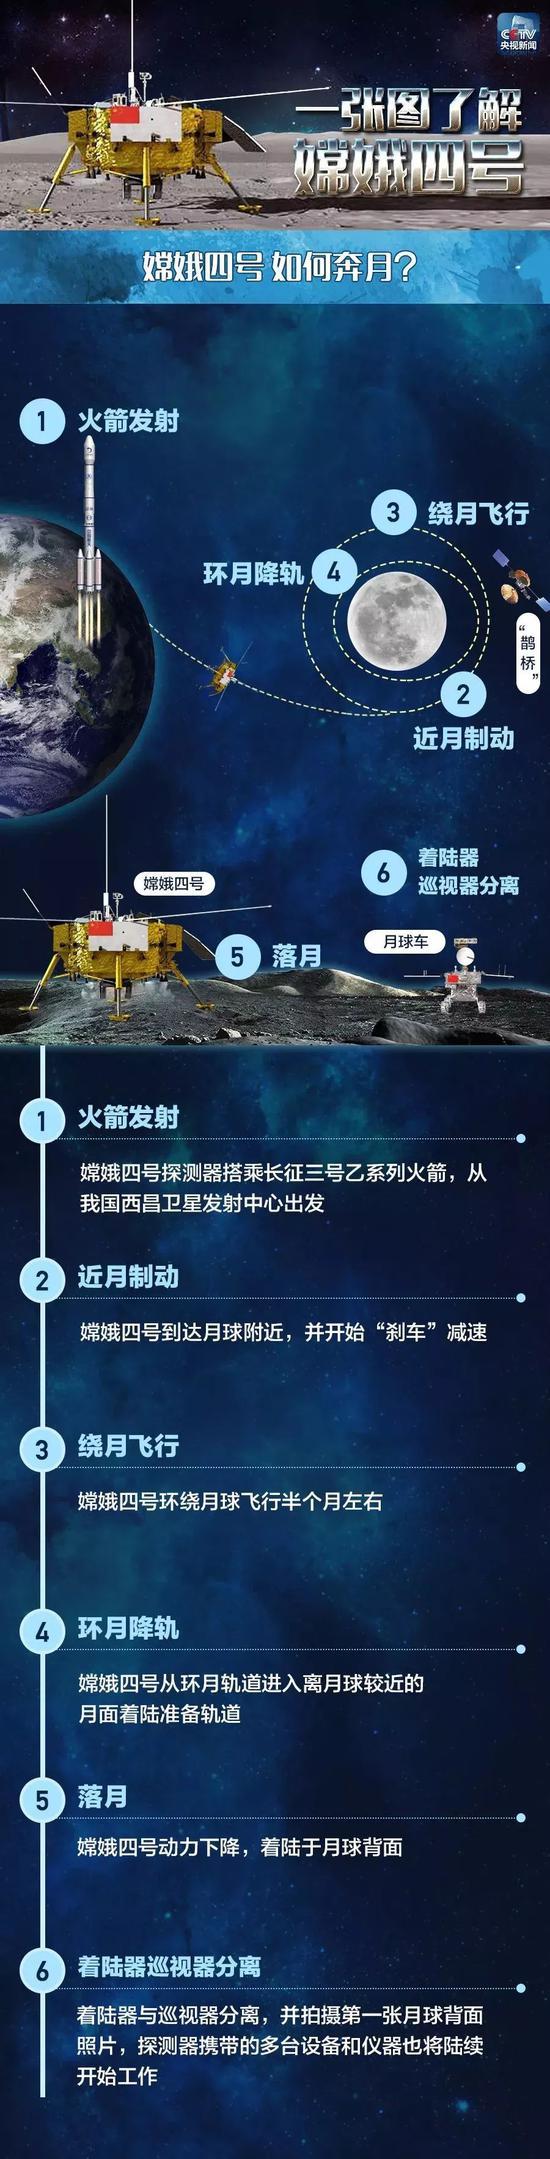 澳门威尼斯人平台_嫦娥四号为什么要在夜里发射_月球背面着陆很难吗